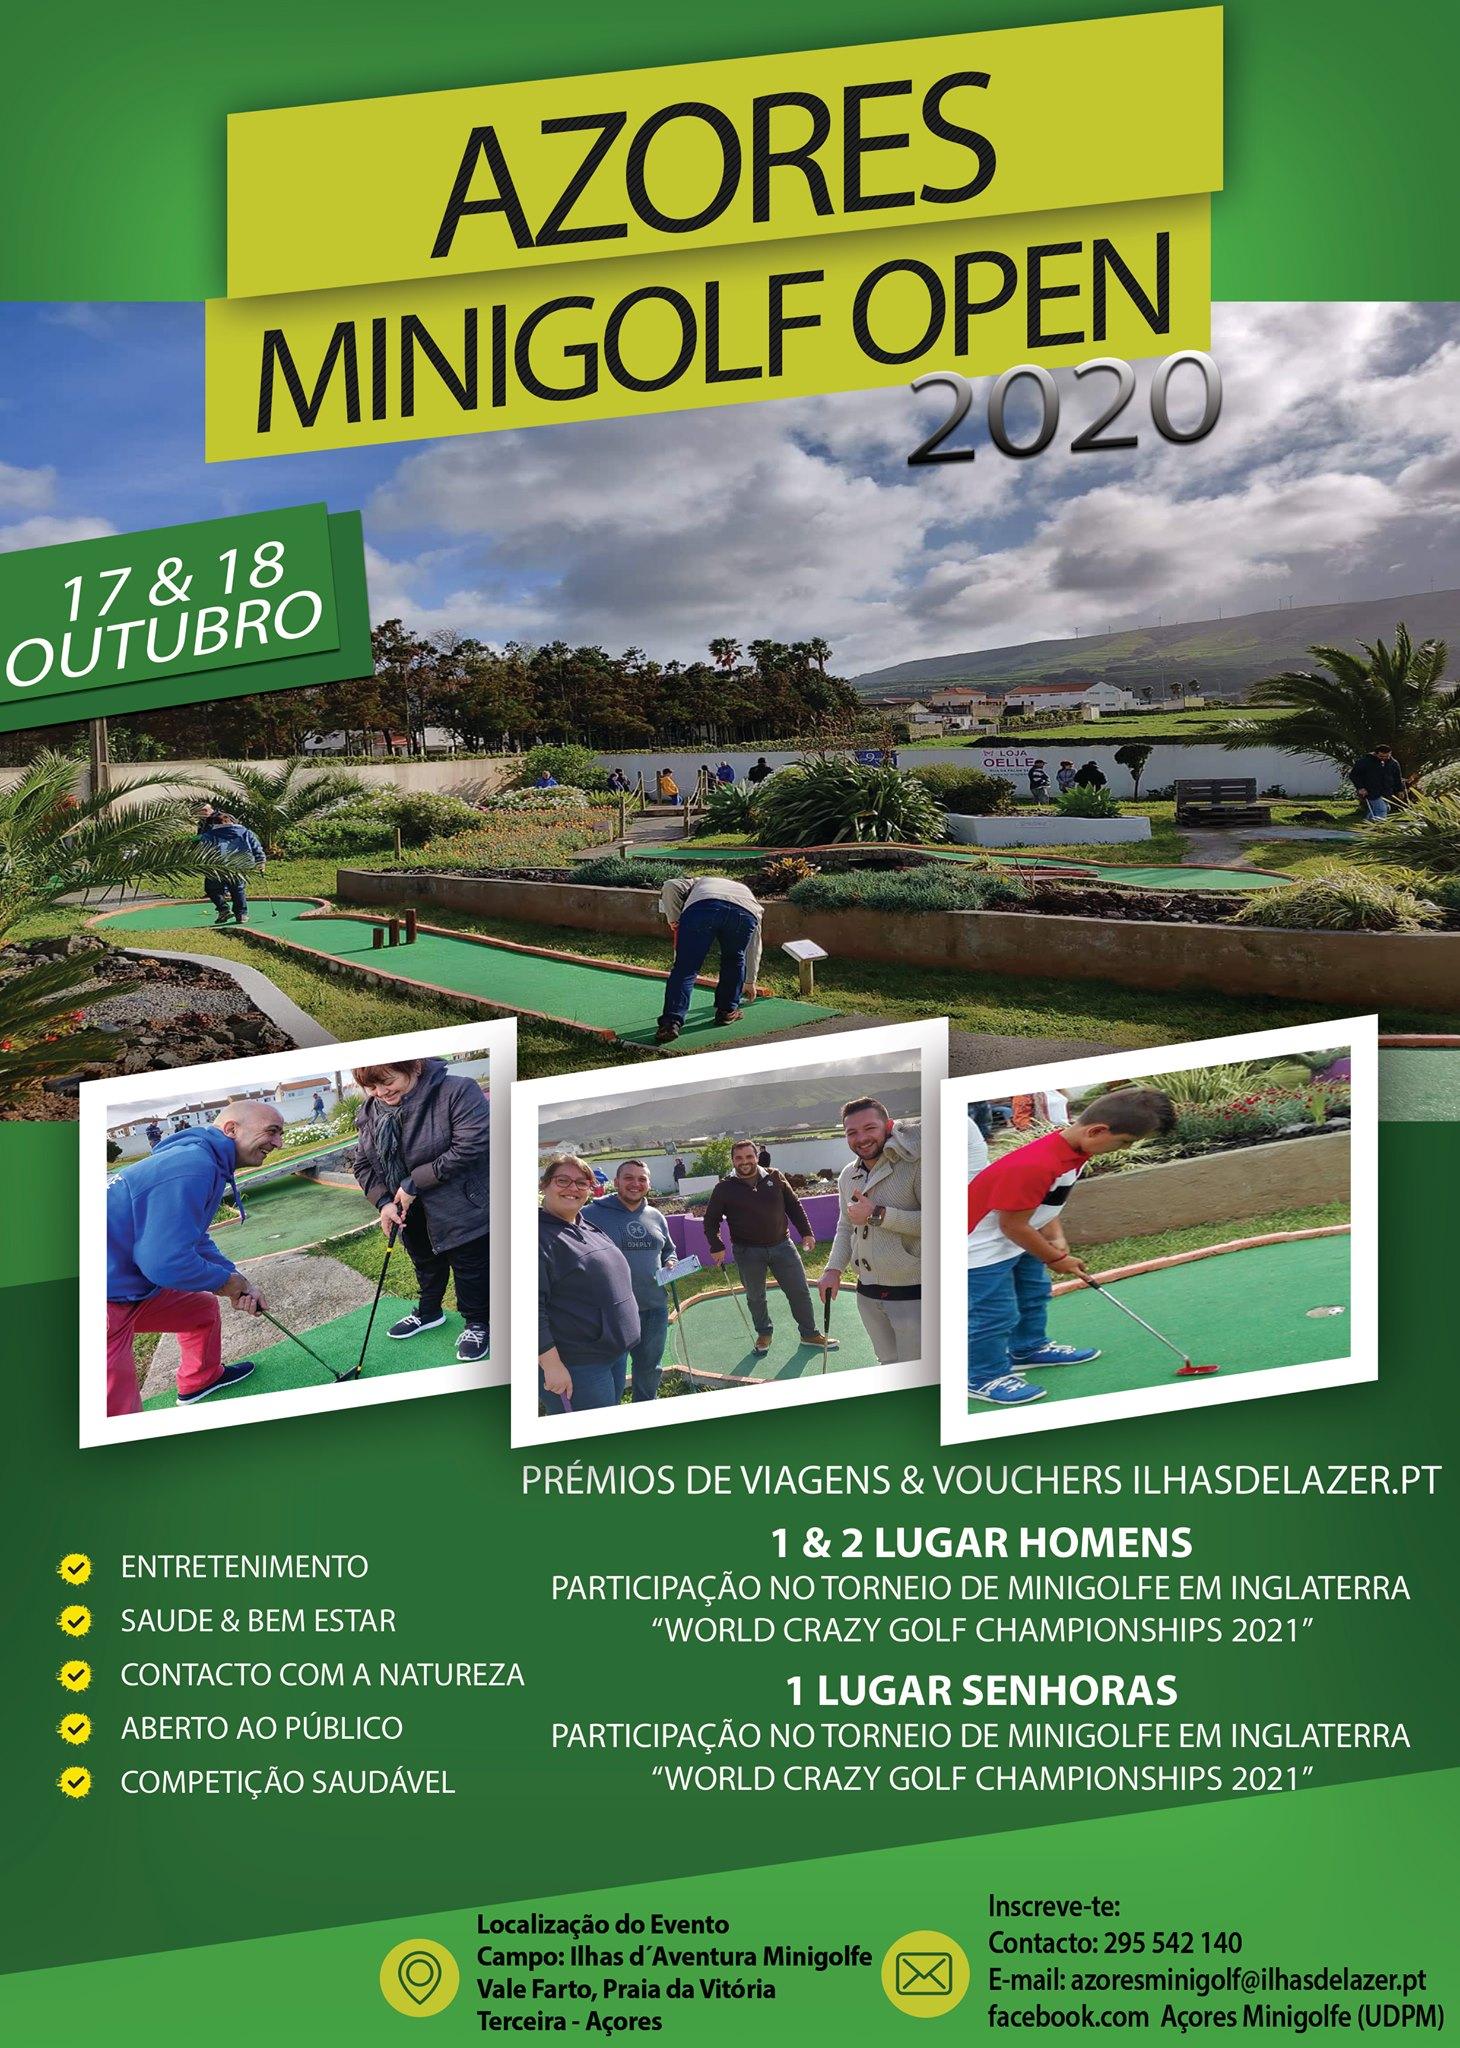 Azores Minigolf Open 2020